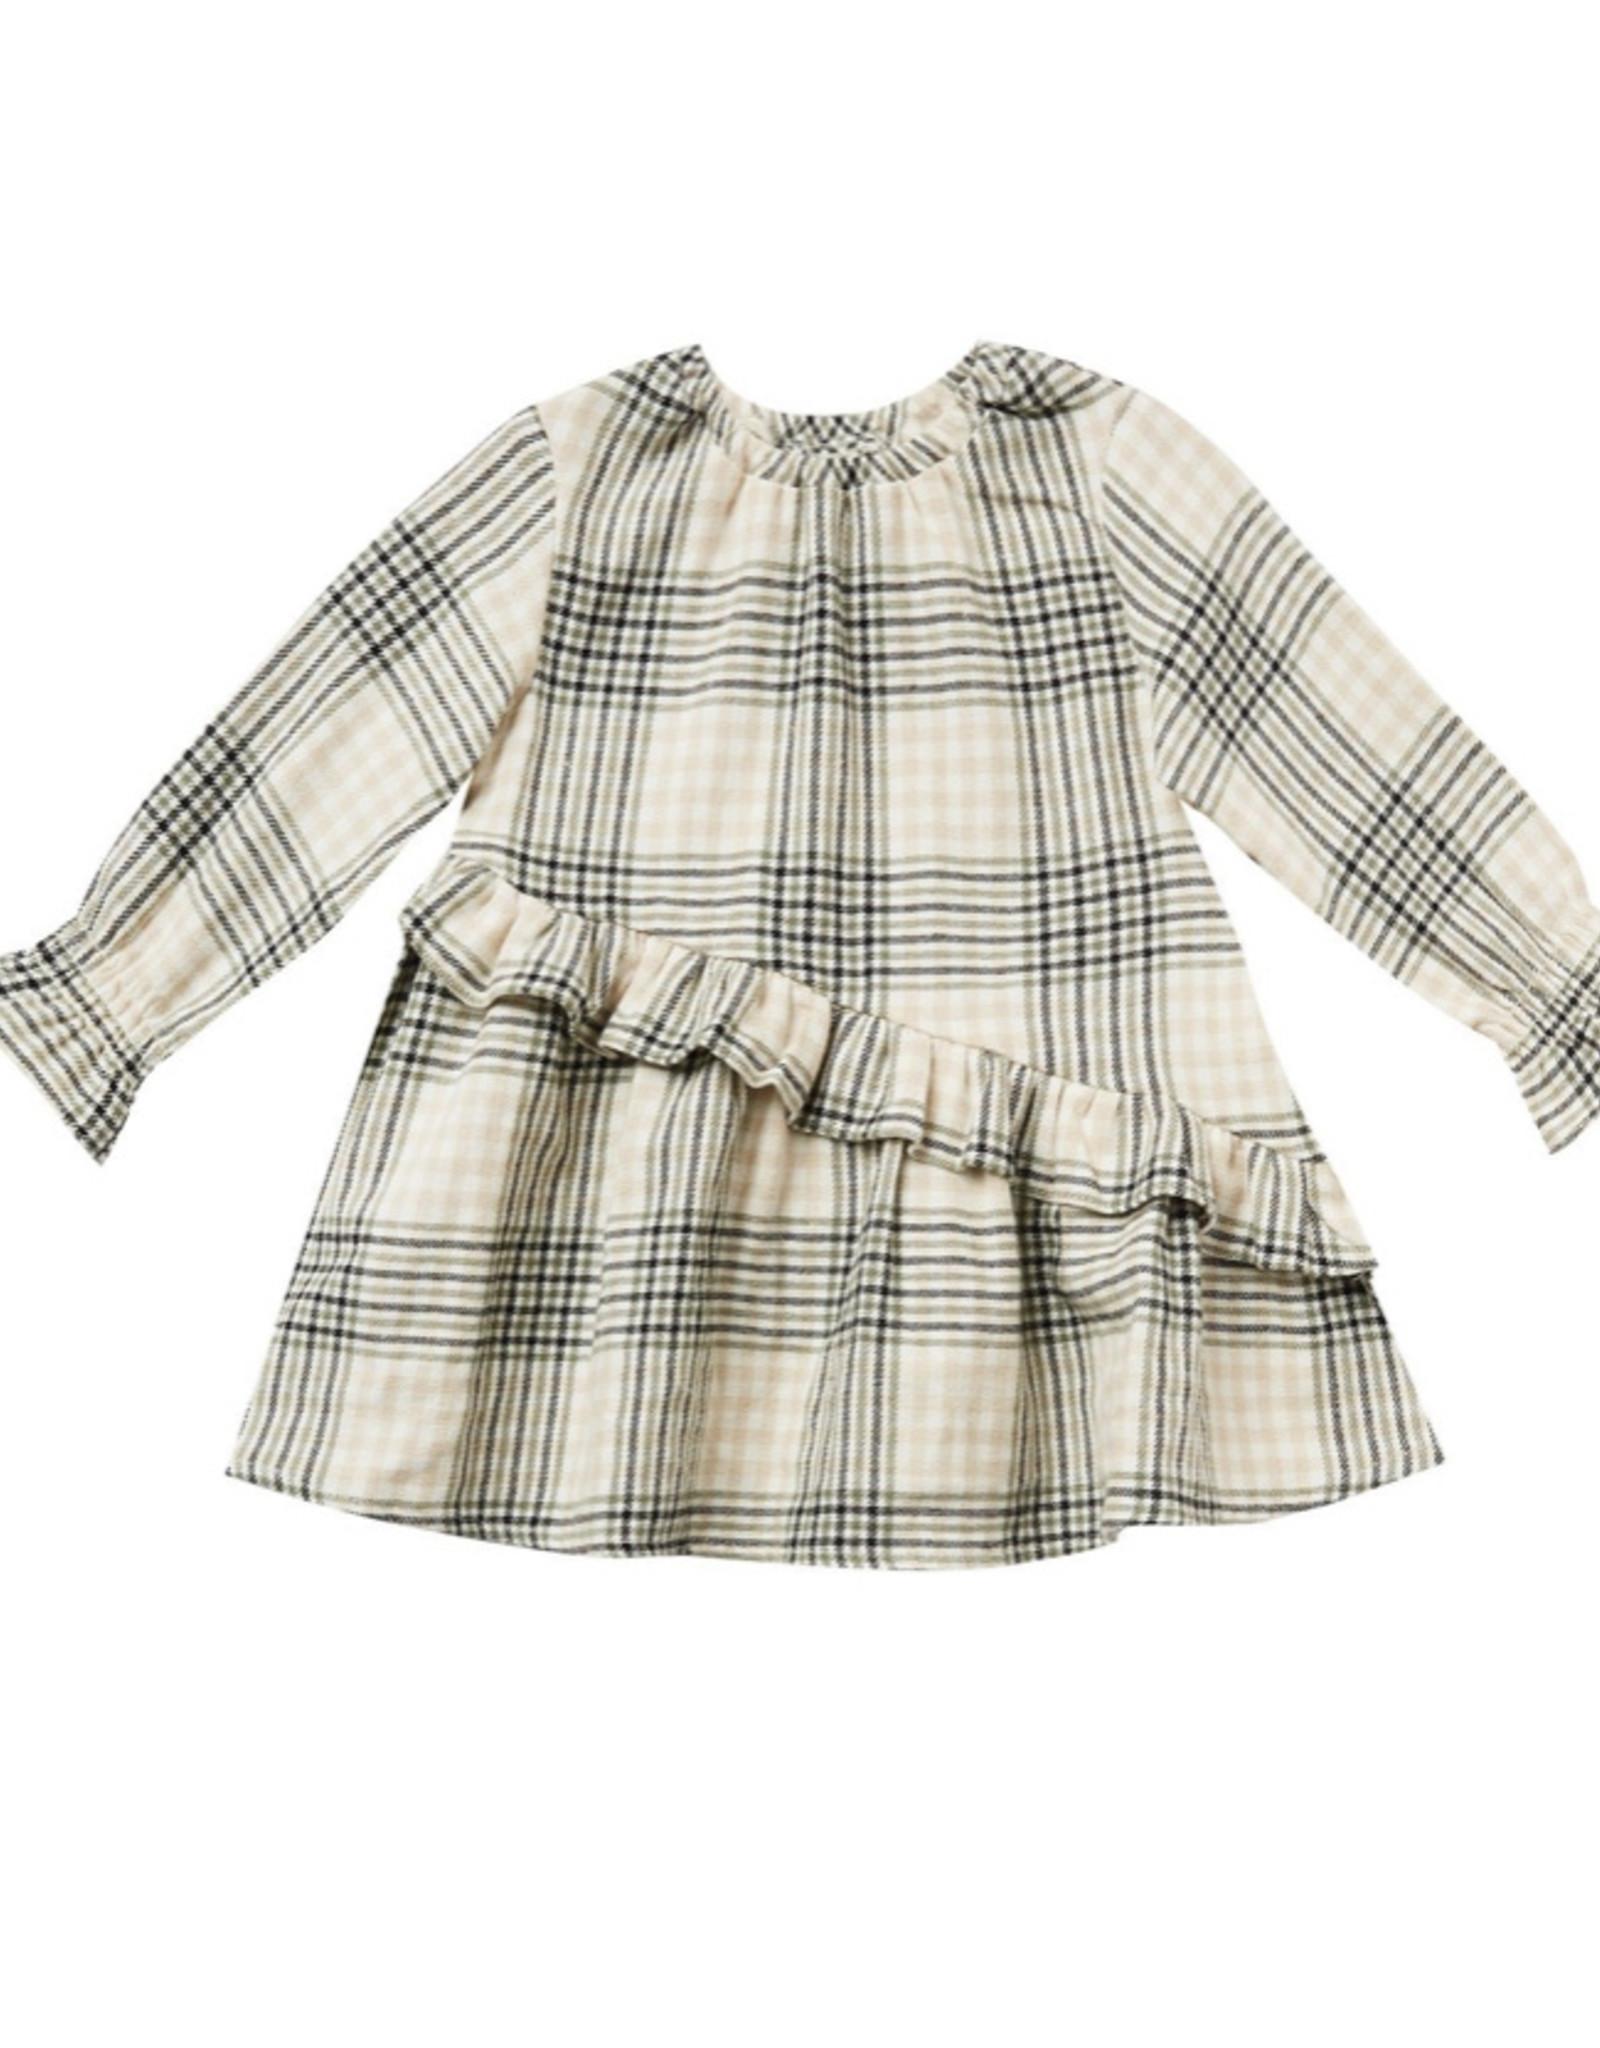 Rylee + Cru Rylee + Cru - Hazel Dress